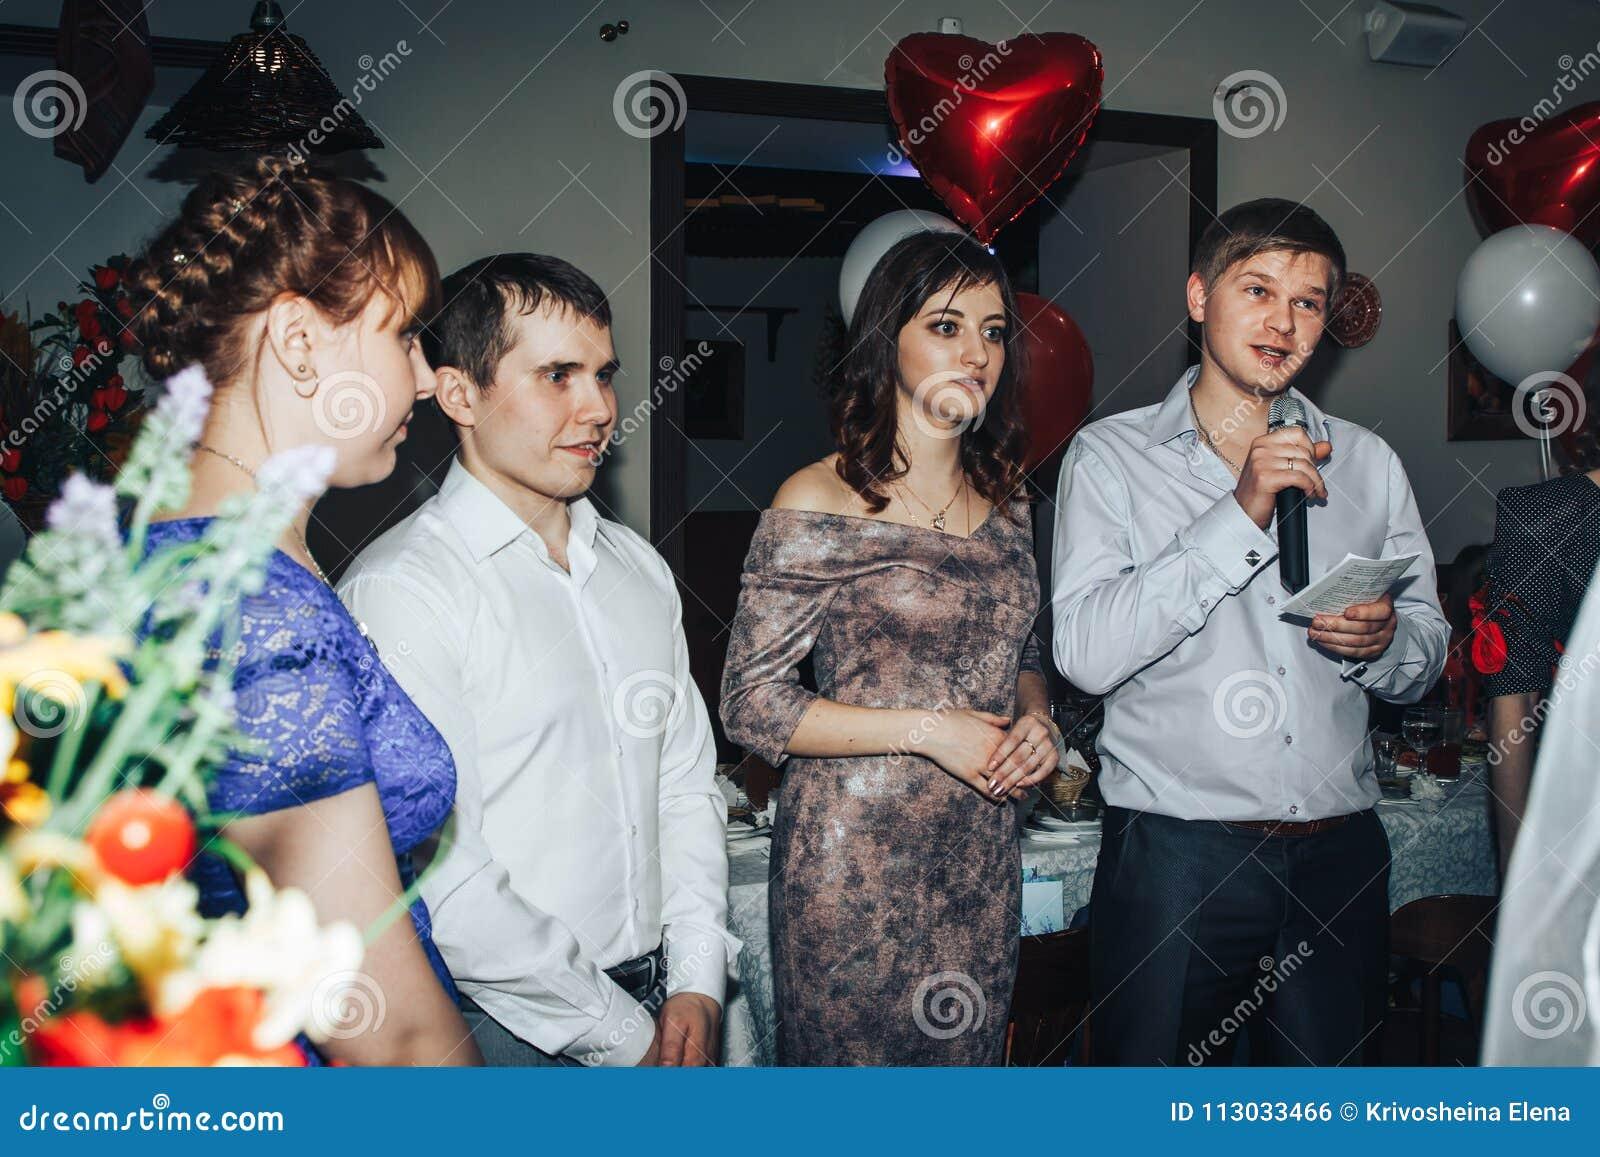 Las huéspedes participan en los juegos organizados durante el banquete de la boda